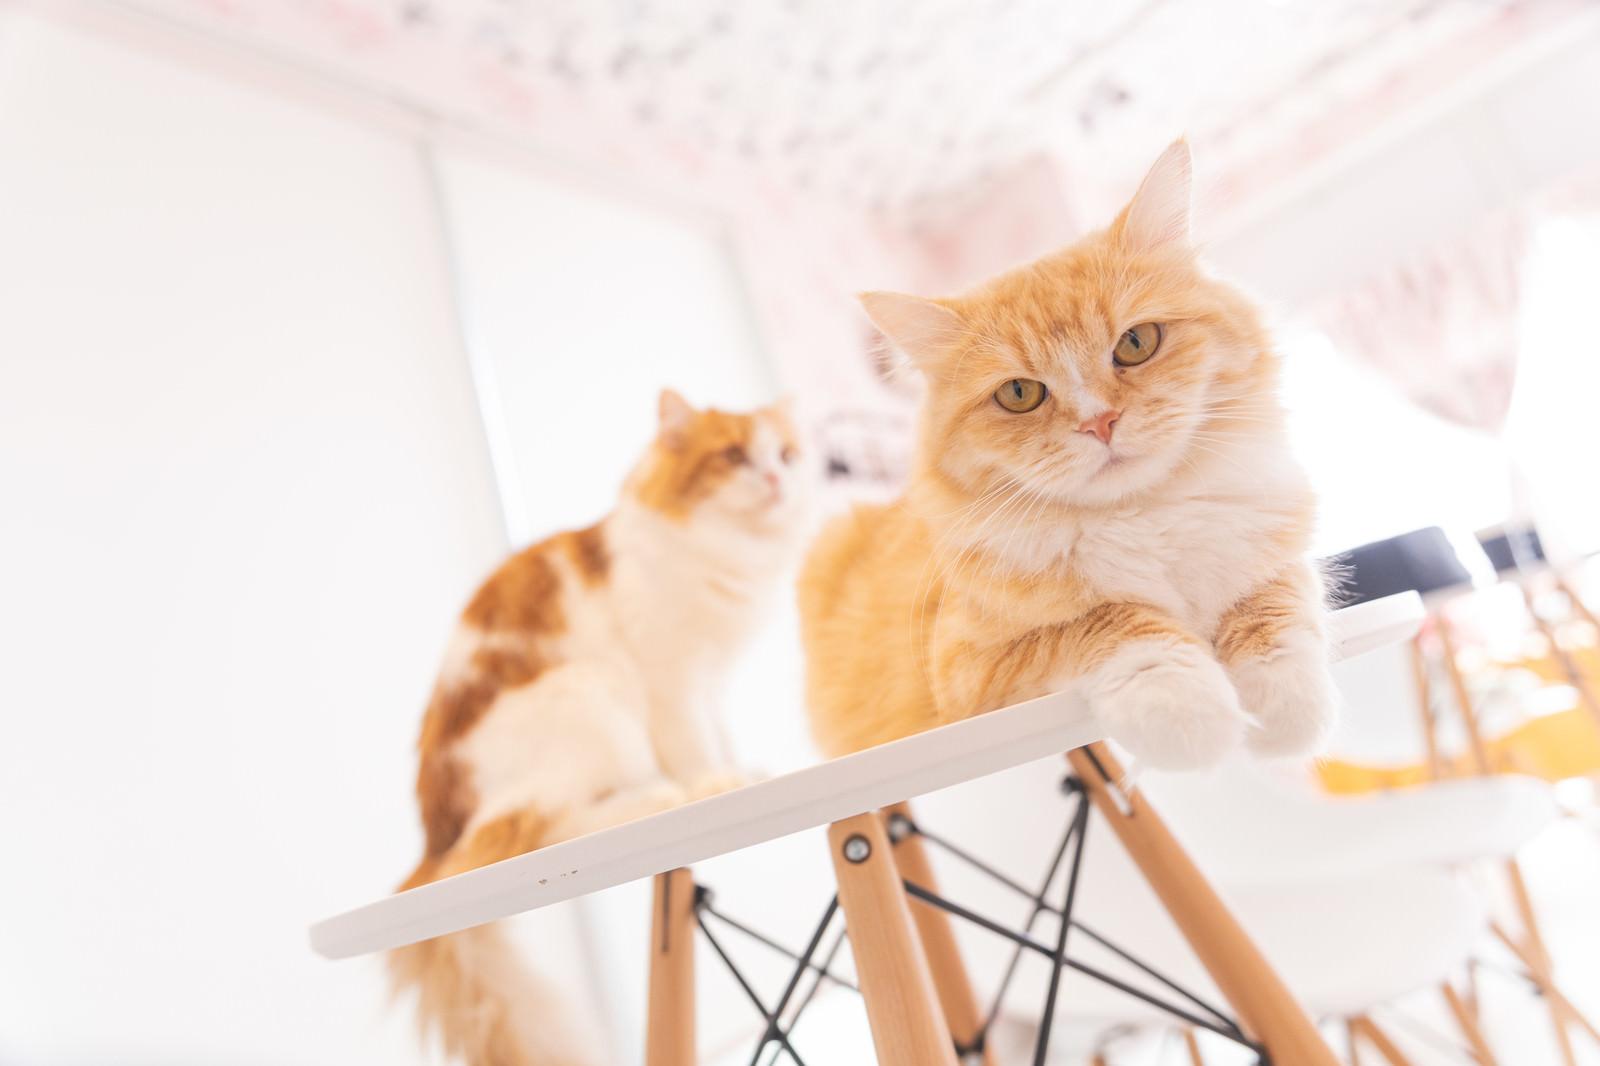 「テーブルの上でくつろぐ猫たち」の写真